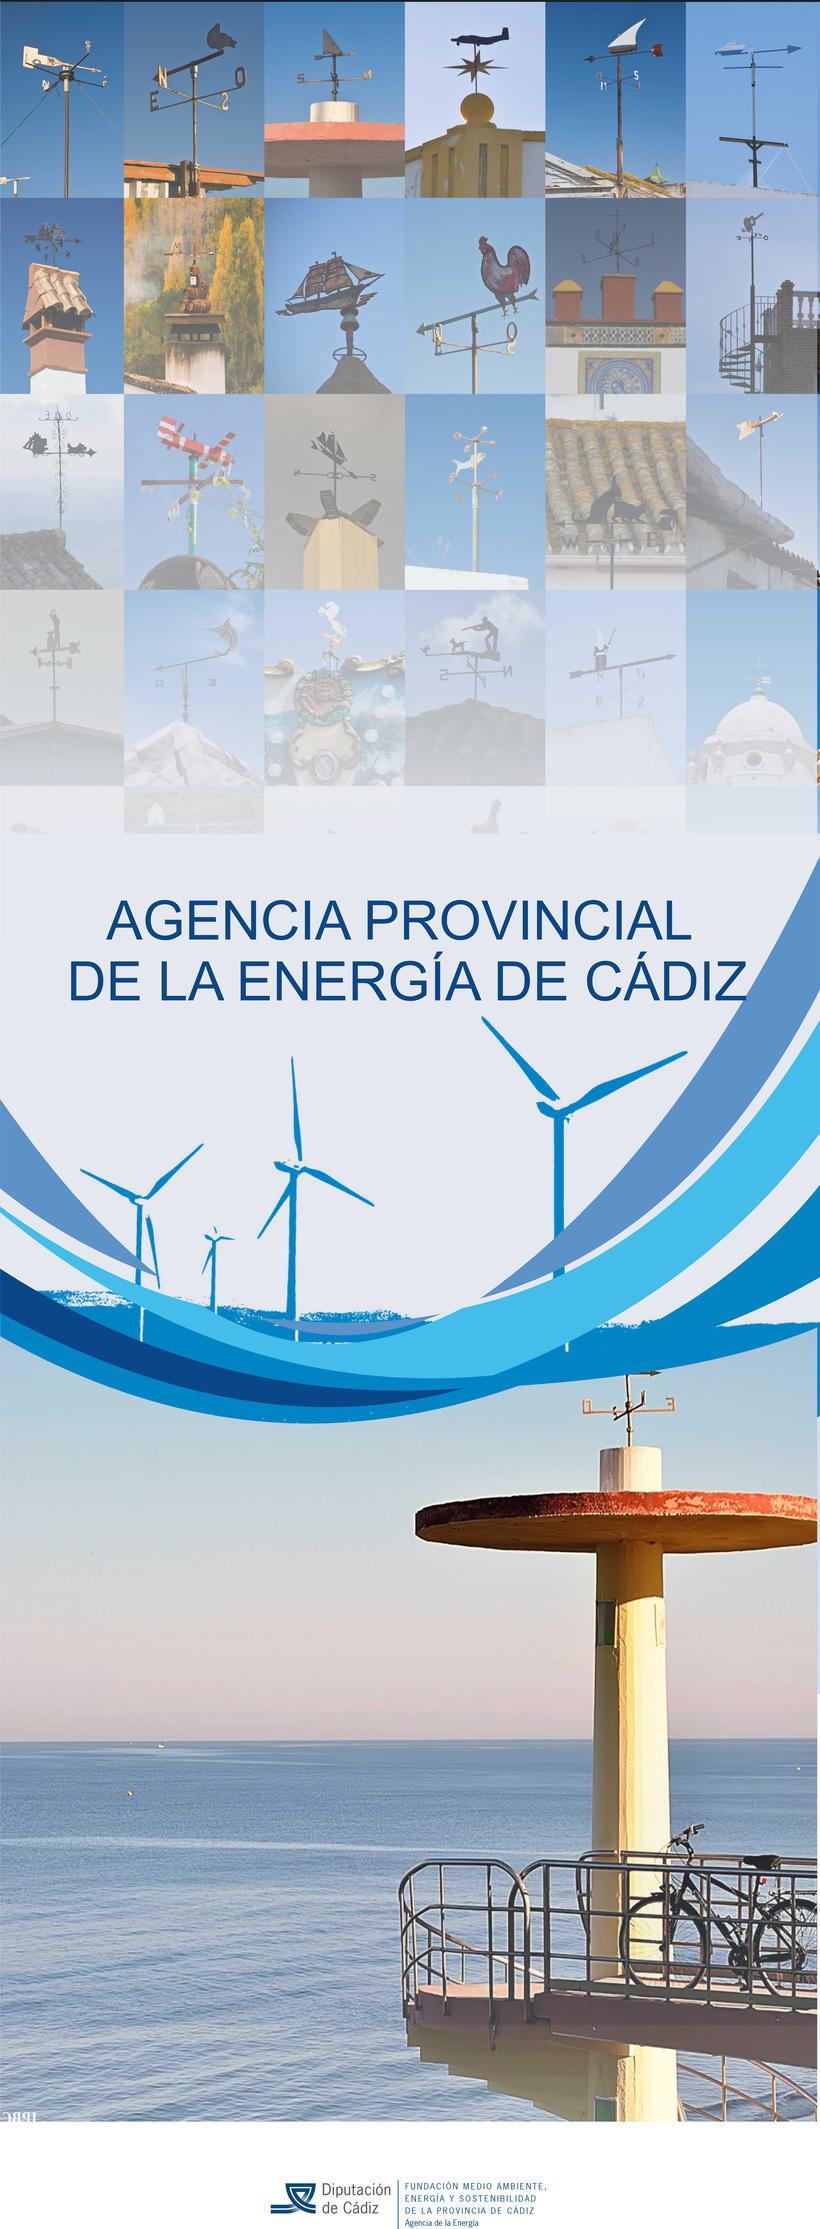 DISEÑO PANEL DEFINITIVO AGENCIA PROVINCIAL DE ENERGÍA 2016 -1